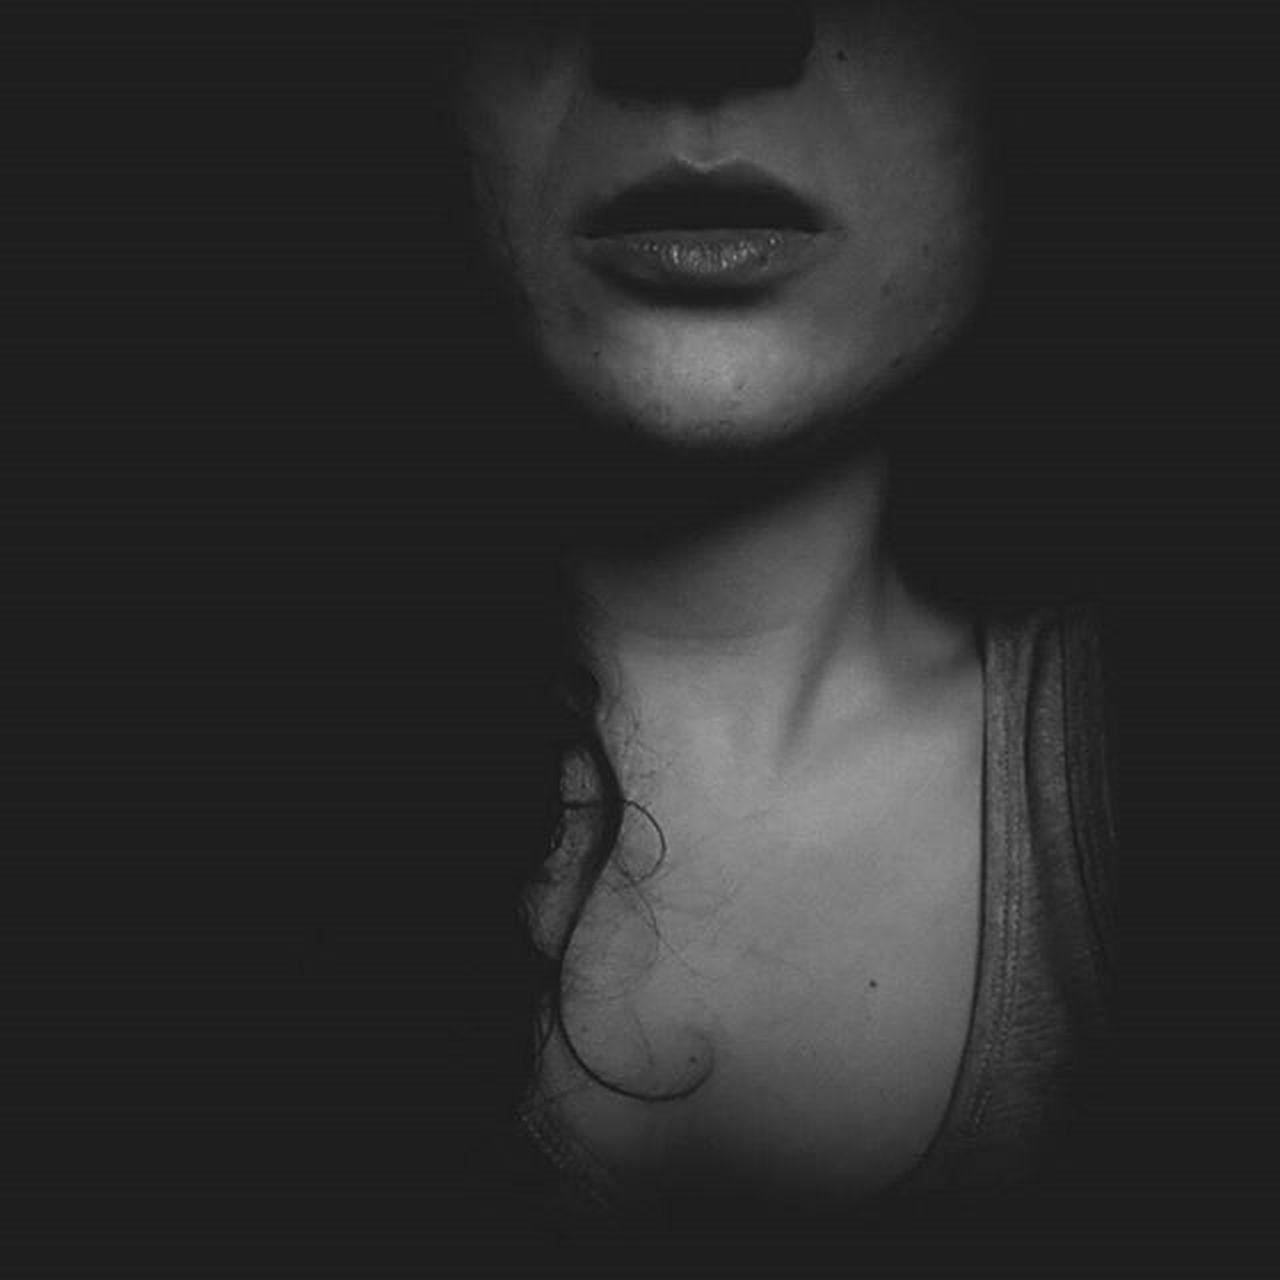 ~ Me Myself Blackandwhite Bw Baw Black White Picoftheday Beautiful Filter Lips Nevi Nei Imperfezioni Curlyhair No Eyes Estate2015 Estate Summer 2K15 Soymix